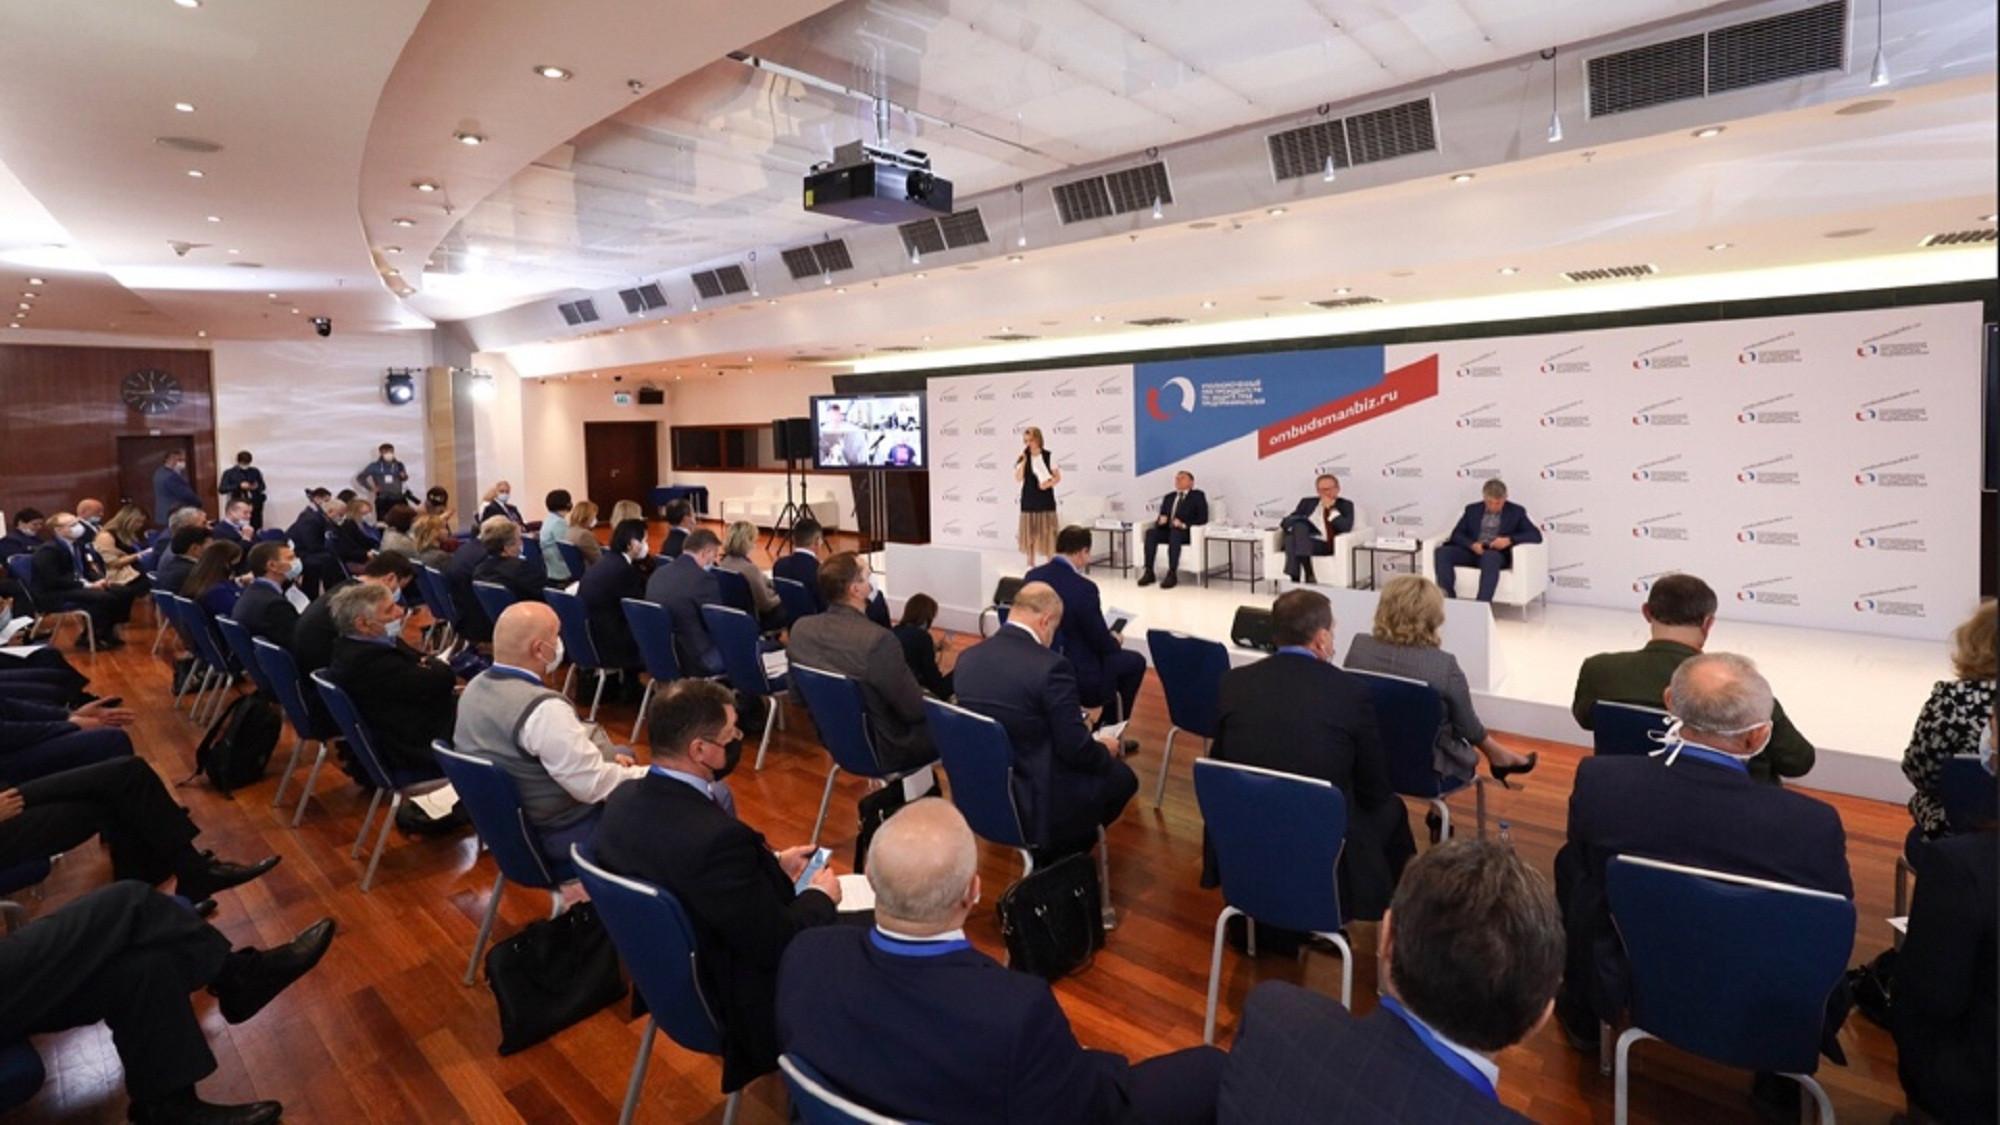 Головнев принял участие во Всероссийской конференции бизнес-омбудсменов